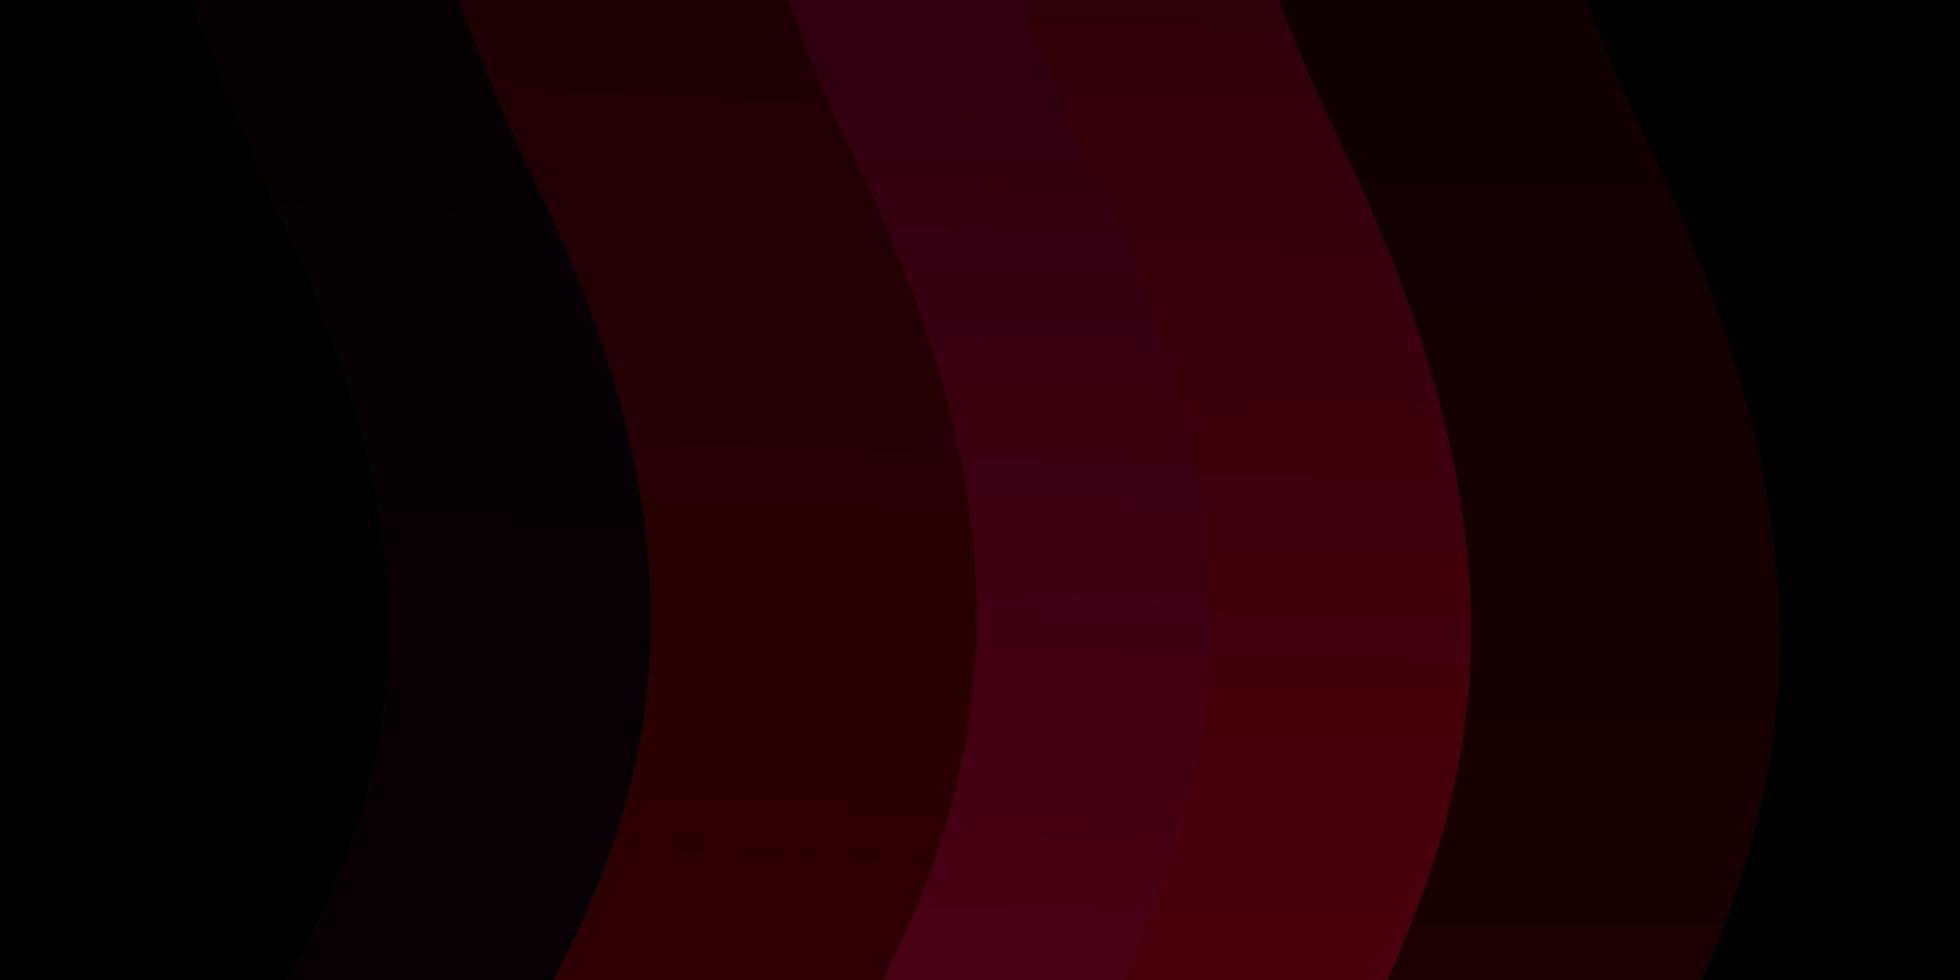 modelo de vetor rosa escuro com linhas irônicas.